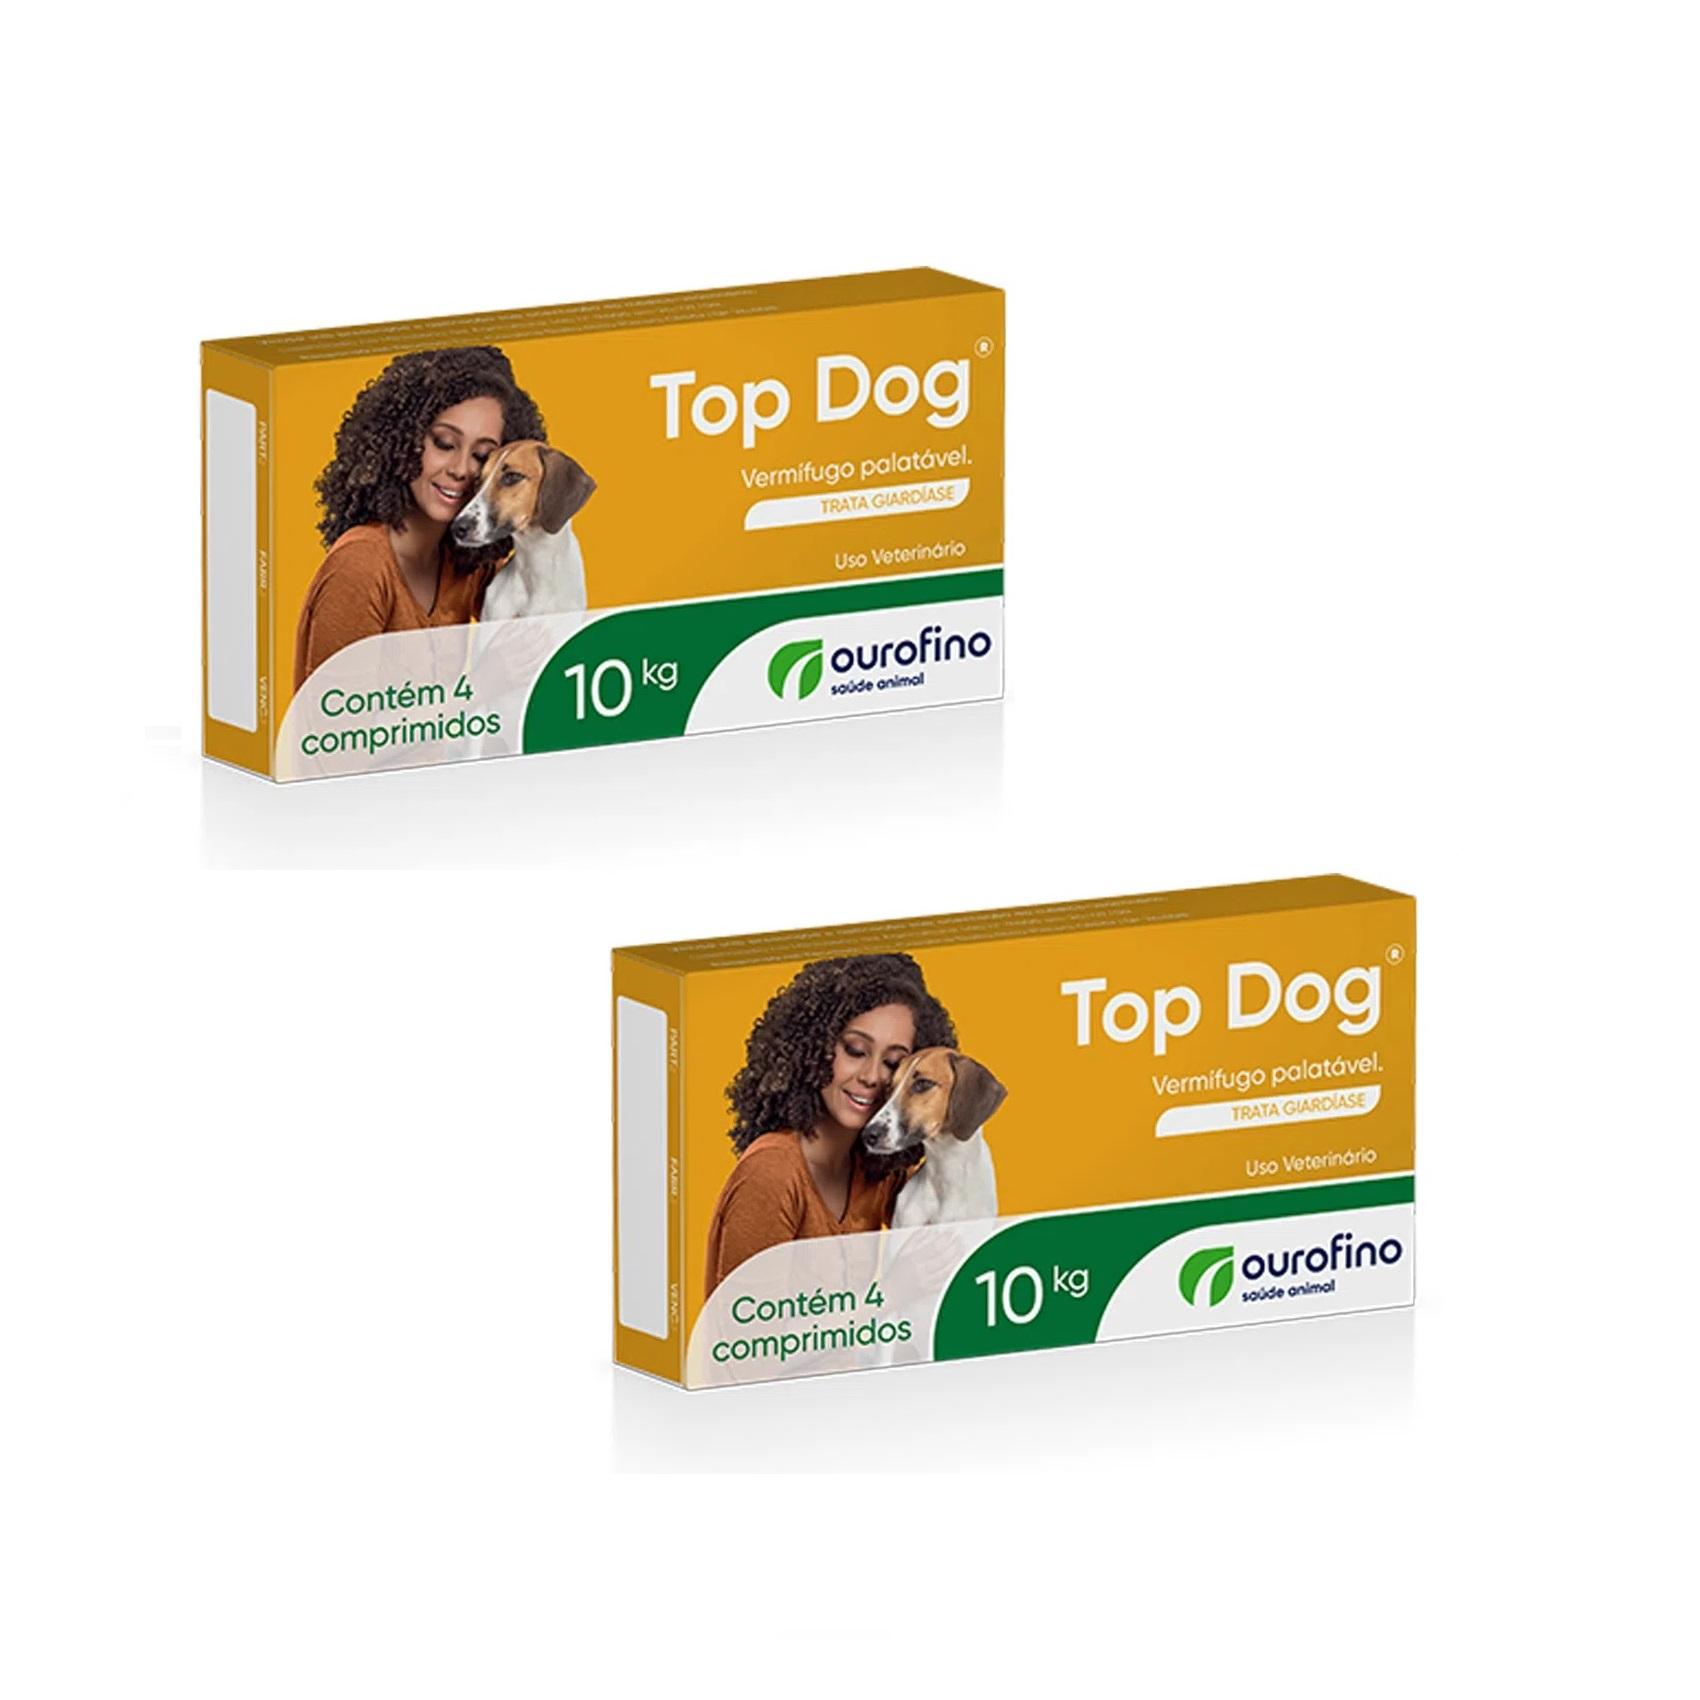 Kit 2 Unidades Vermífugo para Cães Top Dog 10kg (4 comprimidos) - Ourofino